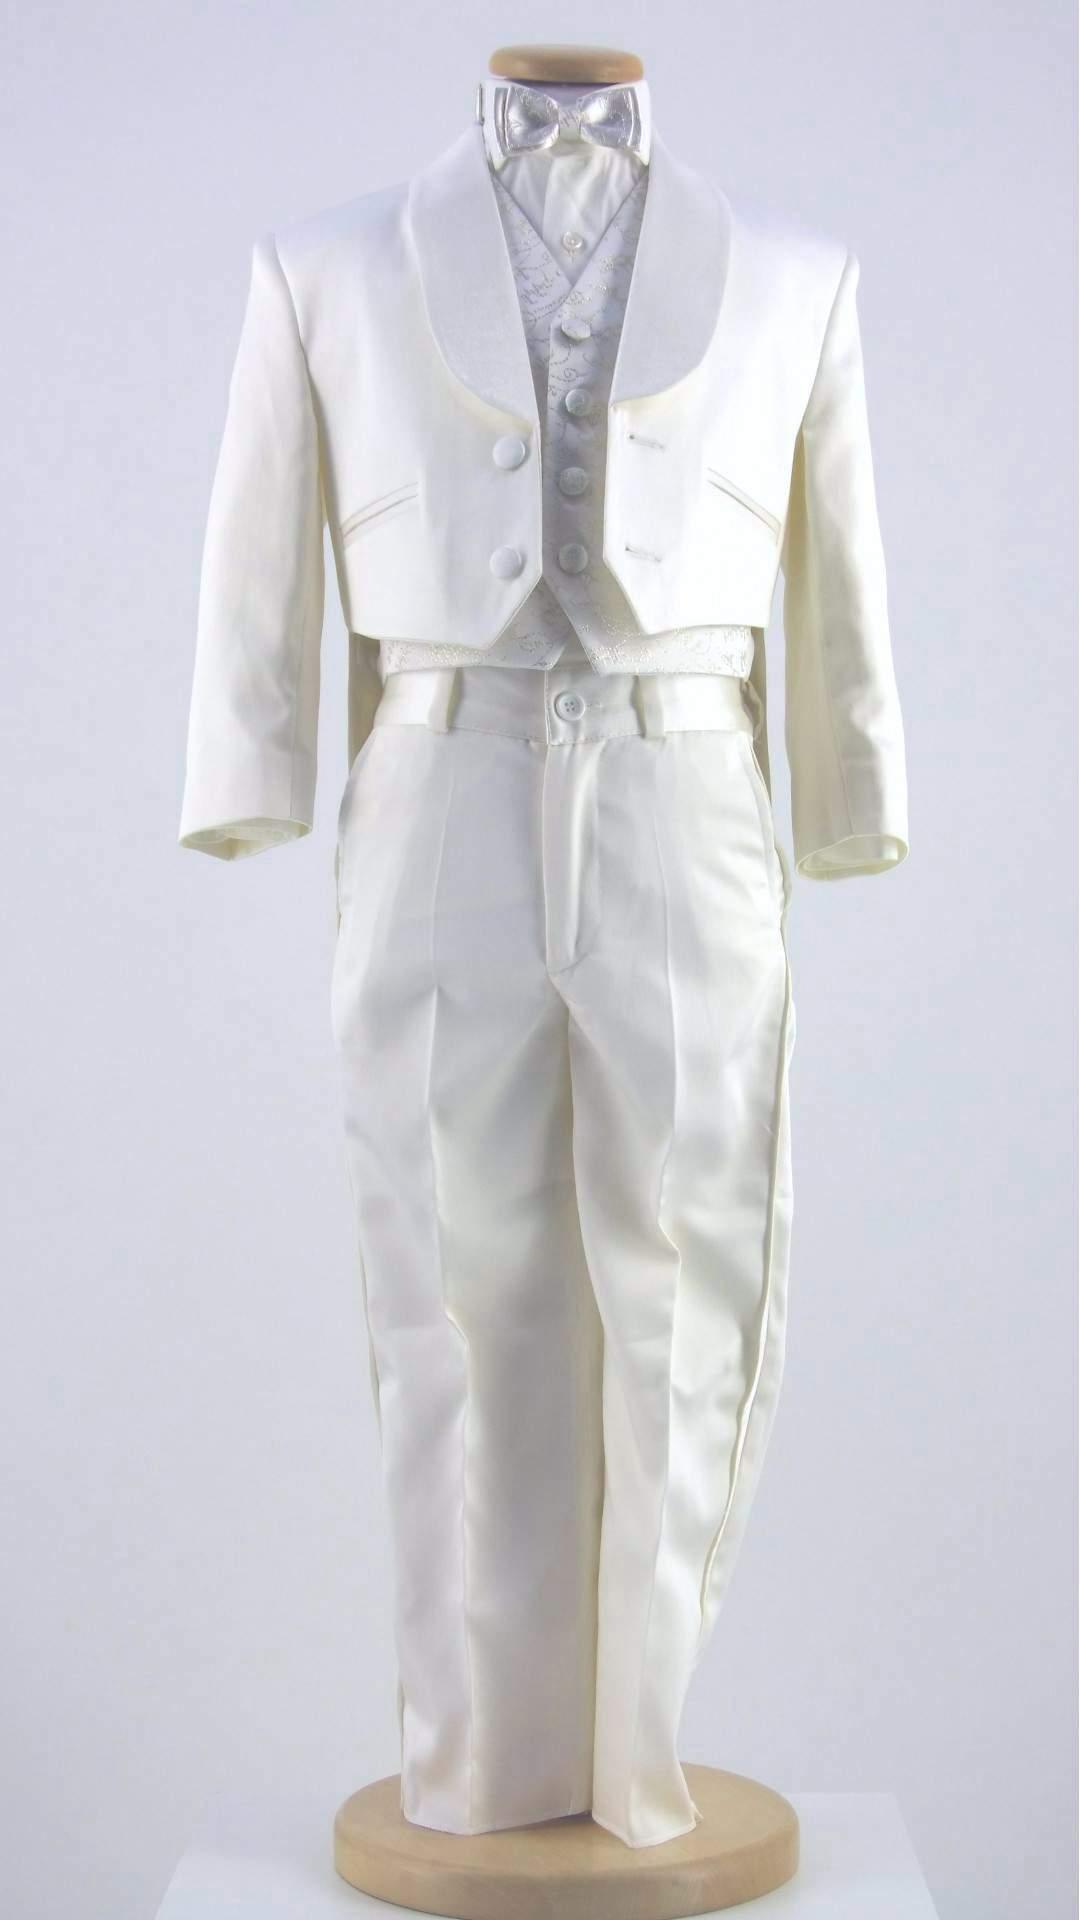 209388a7172d Abito Cerimonia Bambino Nazareno Gabrielli - Abbigliamento Bambini ...